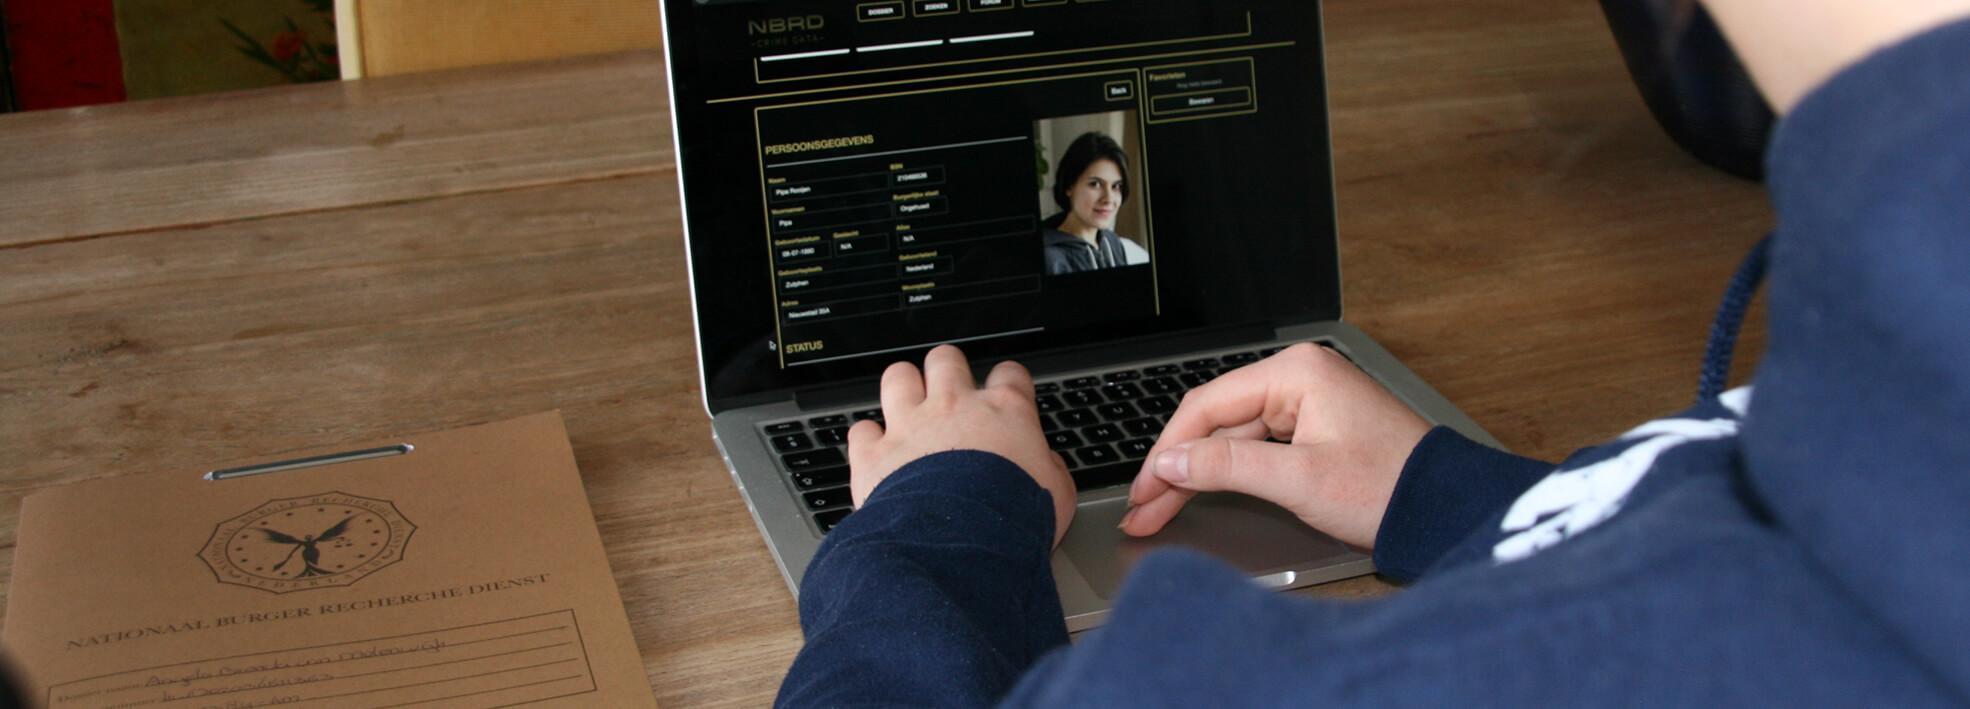 Realistisch politiedossier voor een online moordspel